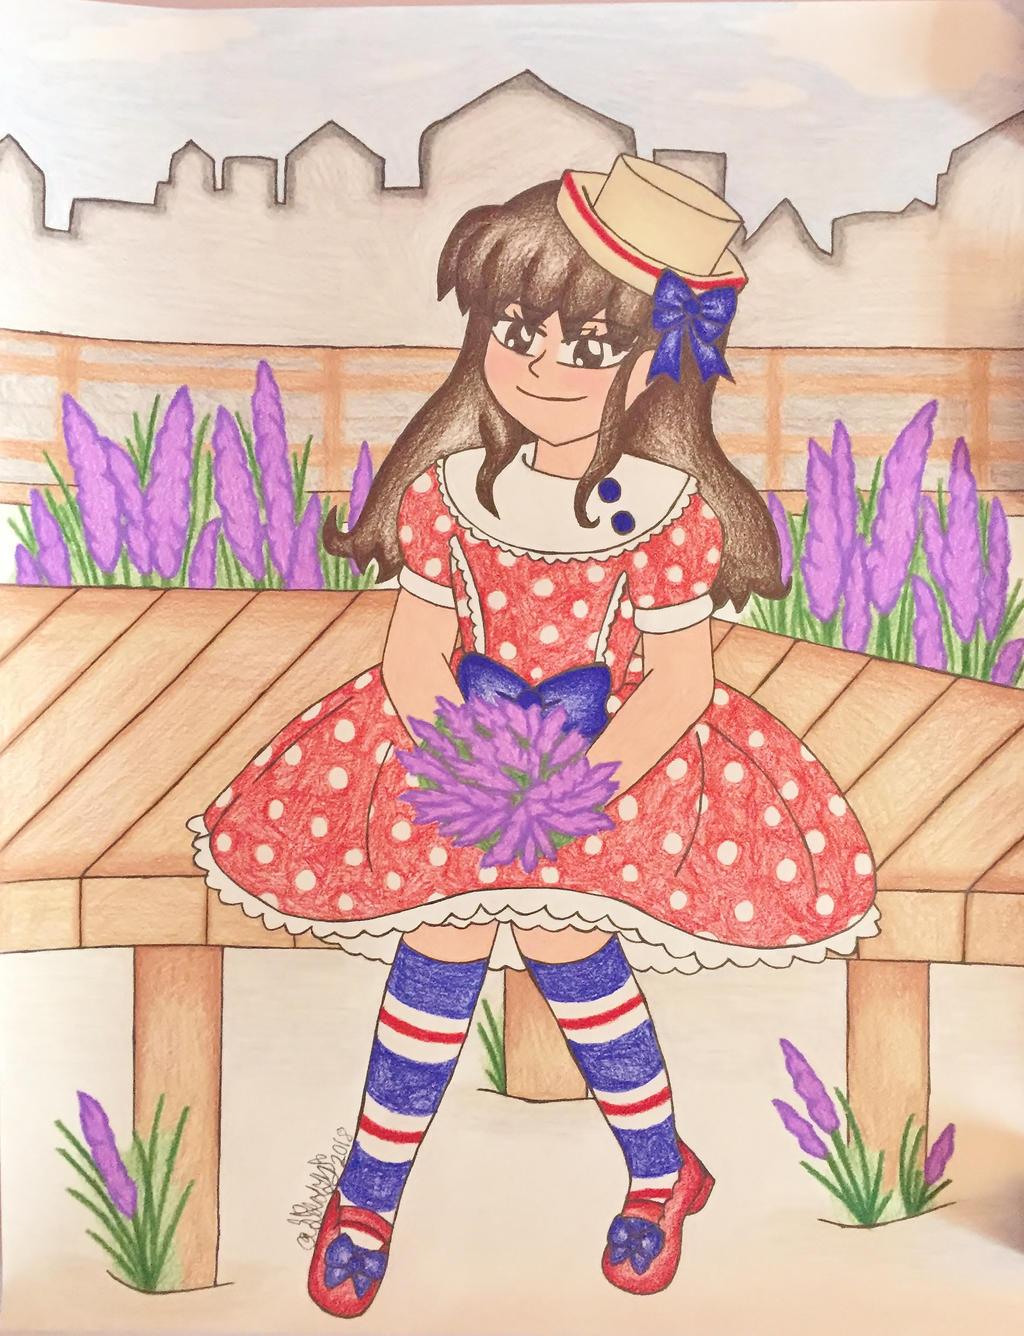 SarahsPortfolio's Profile Picture